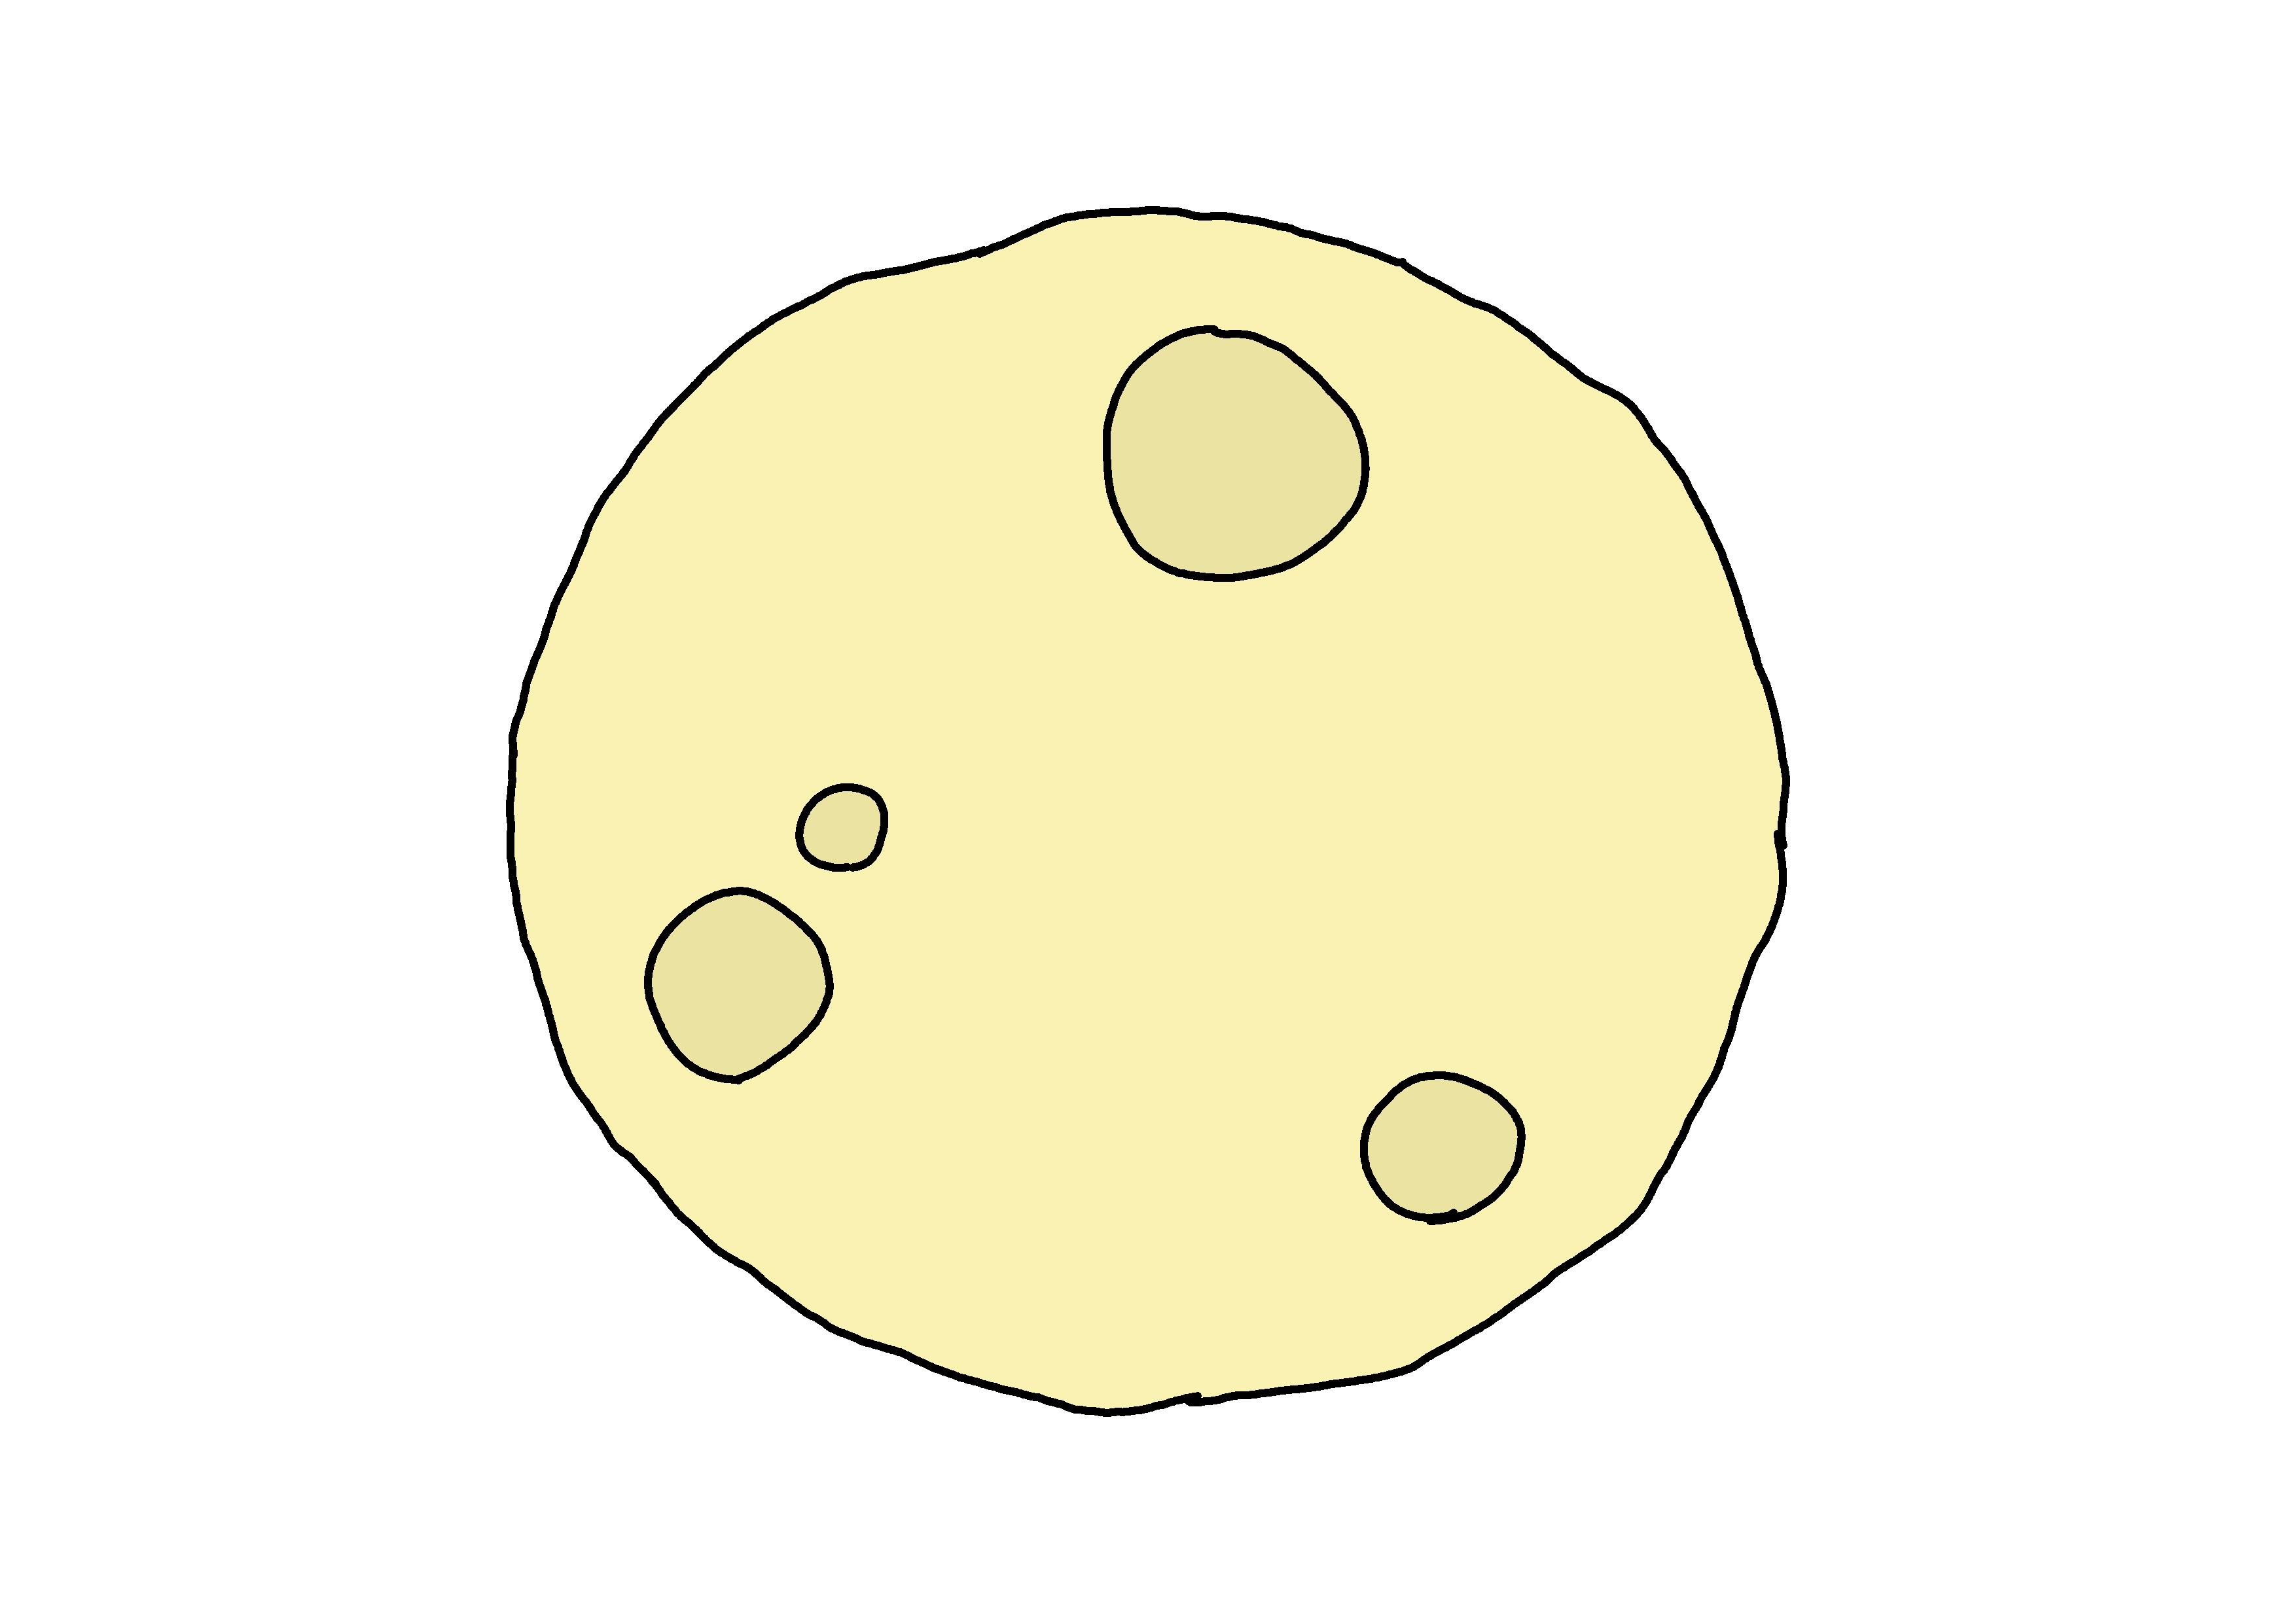 イラスト【月】